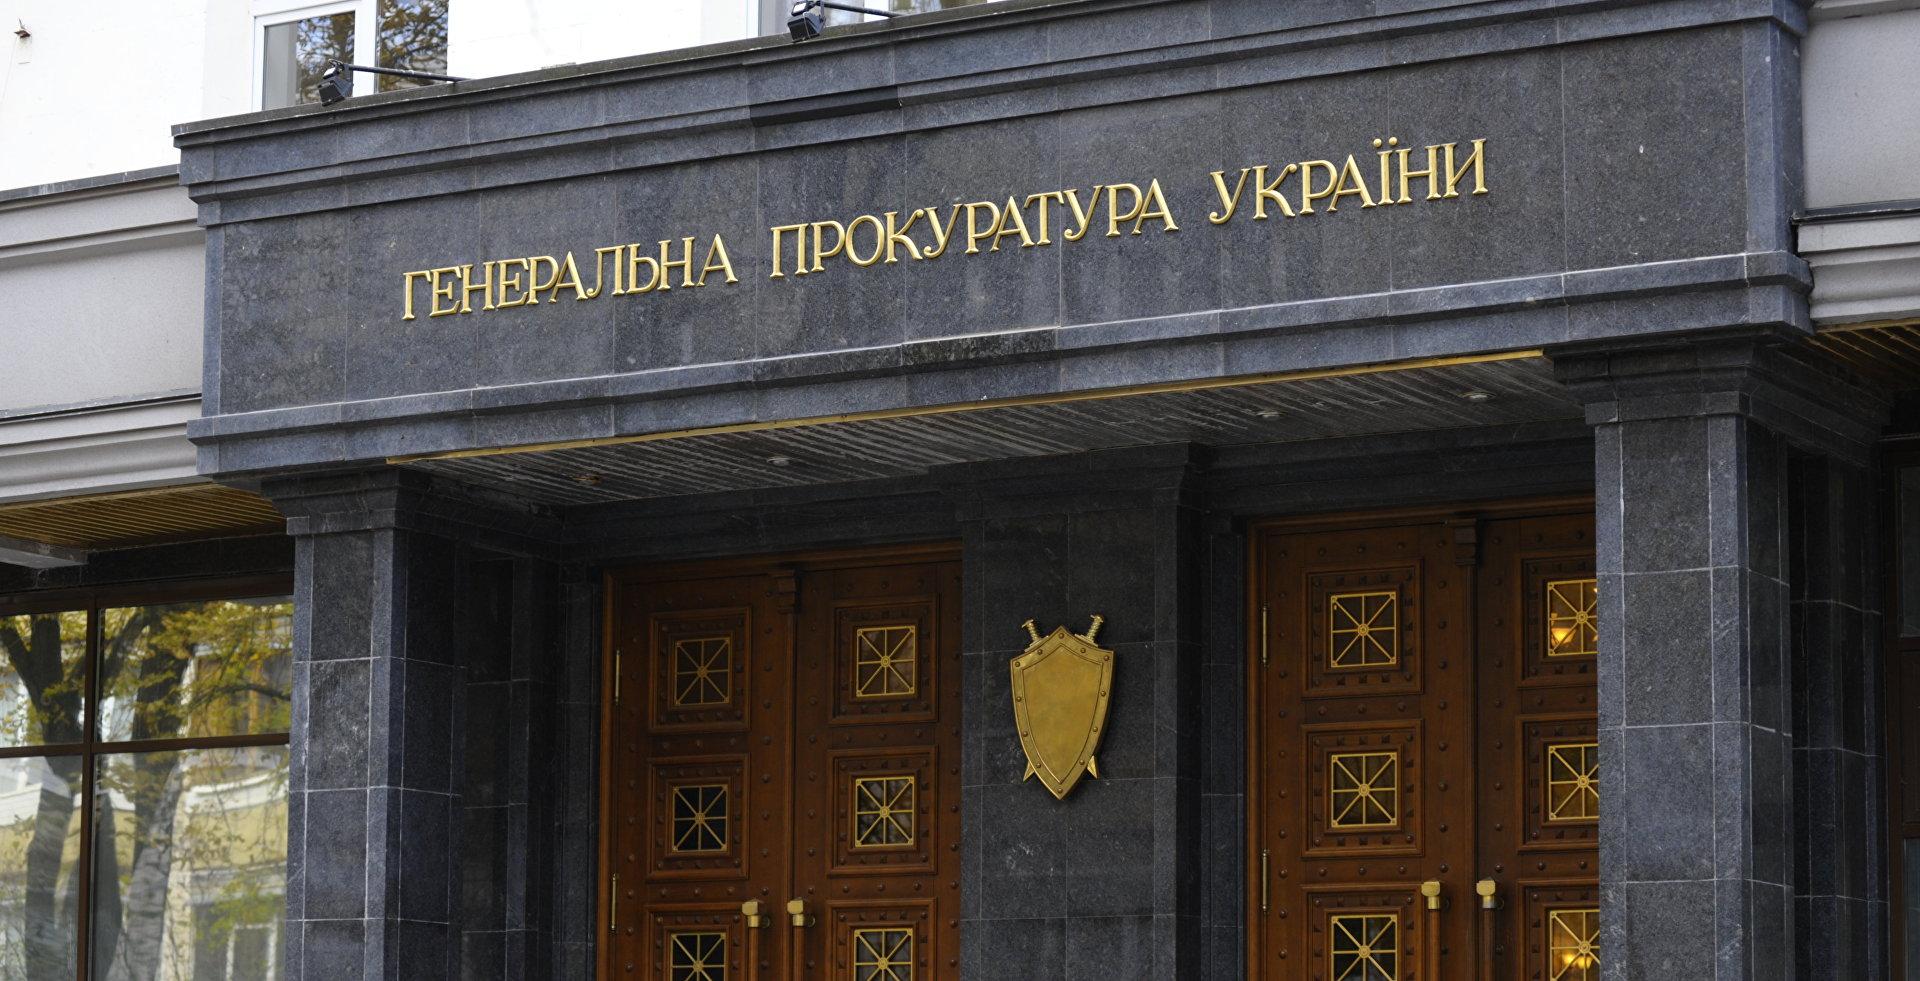 http://ukraina.ru/images/101561/47/1015614772.jpg